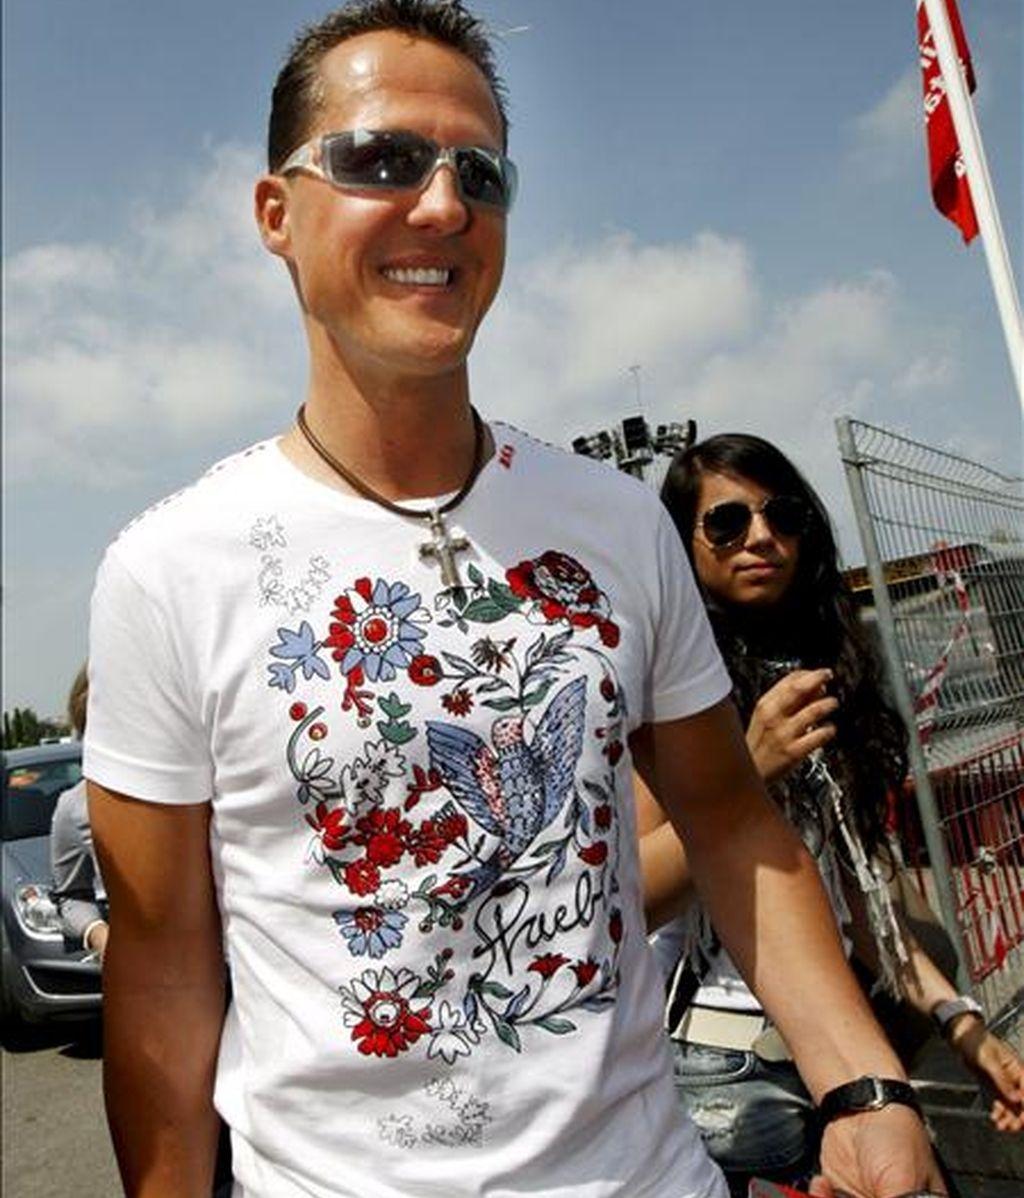 El ex piloto de Fórmula Uno alemán Michael Schumacher. EFE/Archivo